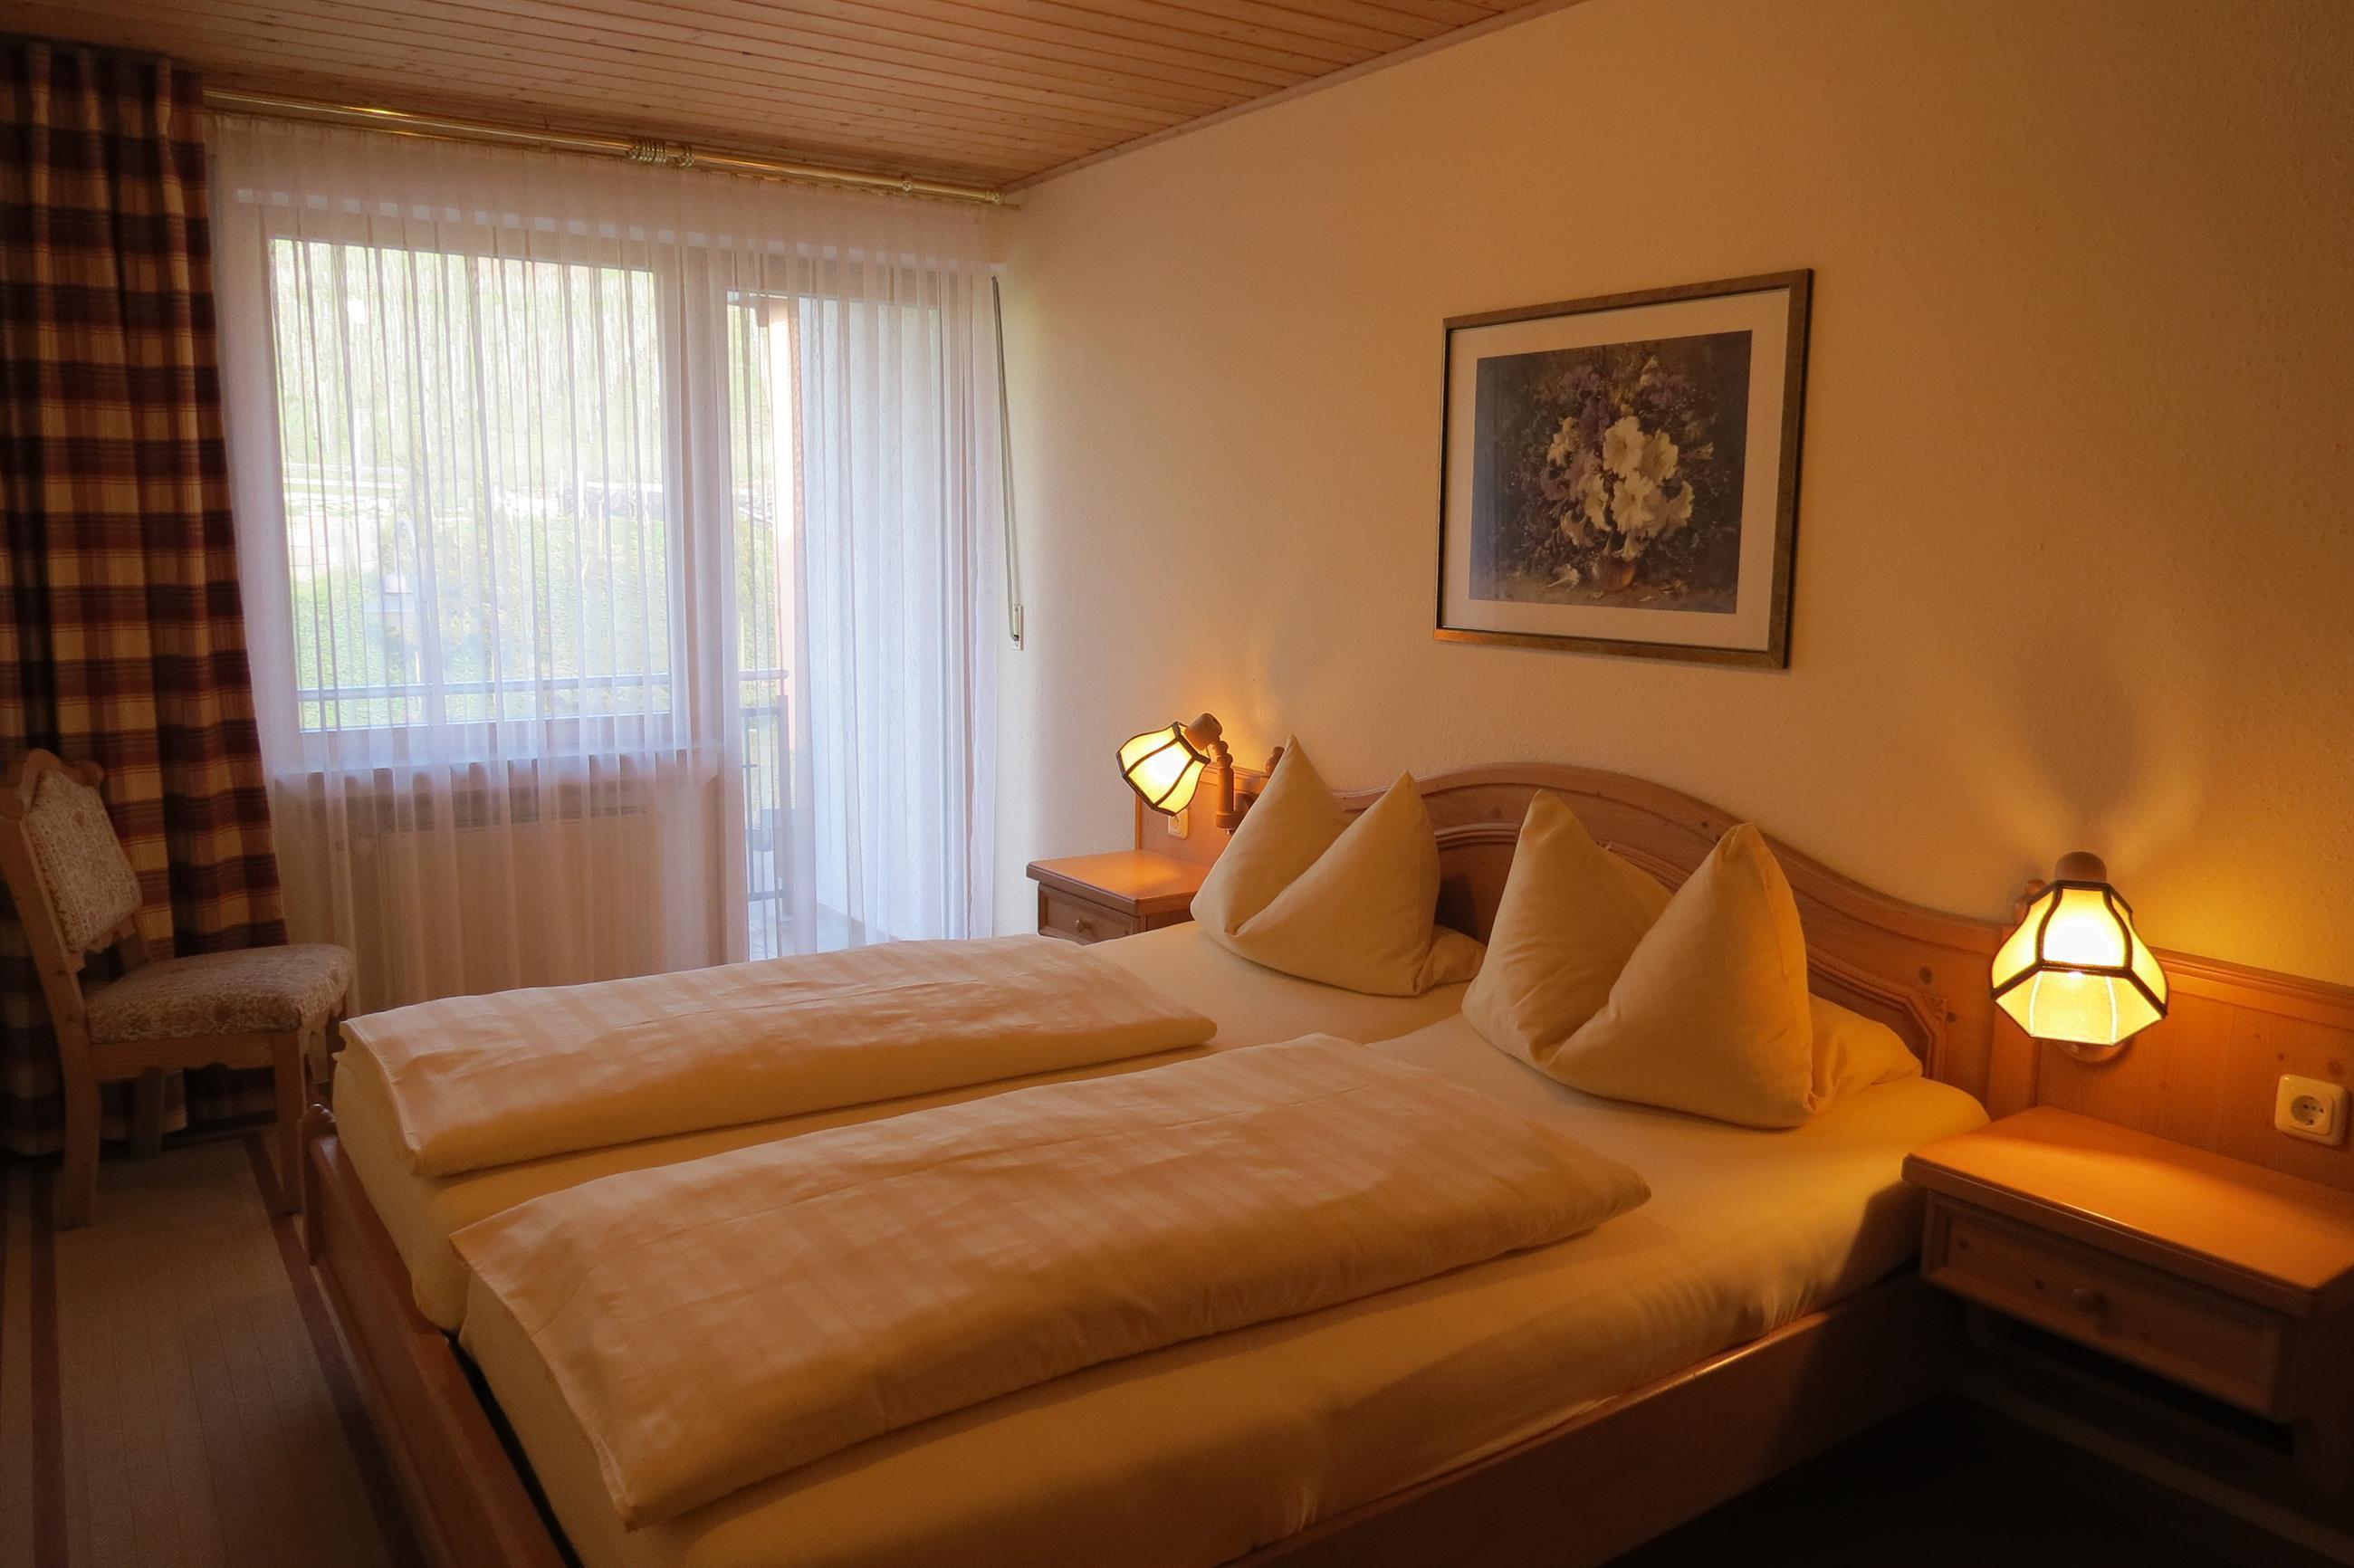 2. Doppelzimmer Fewo Anemone